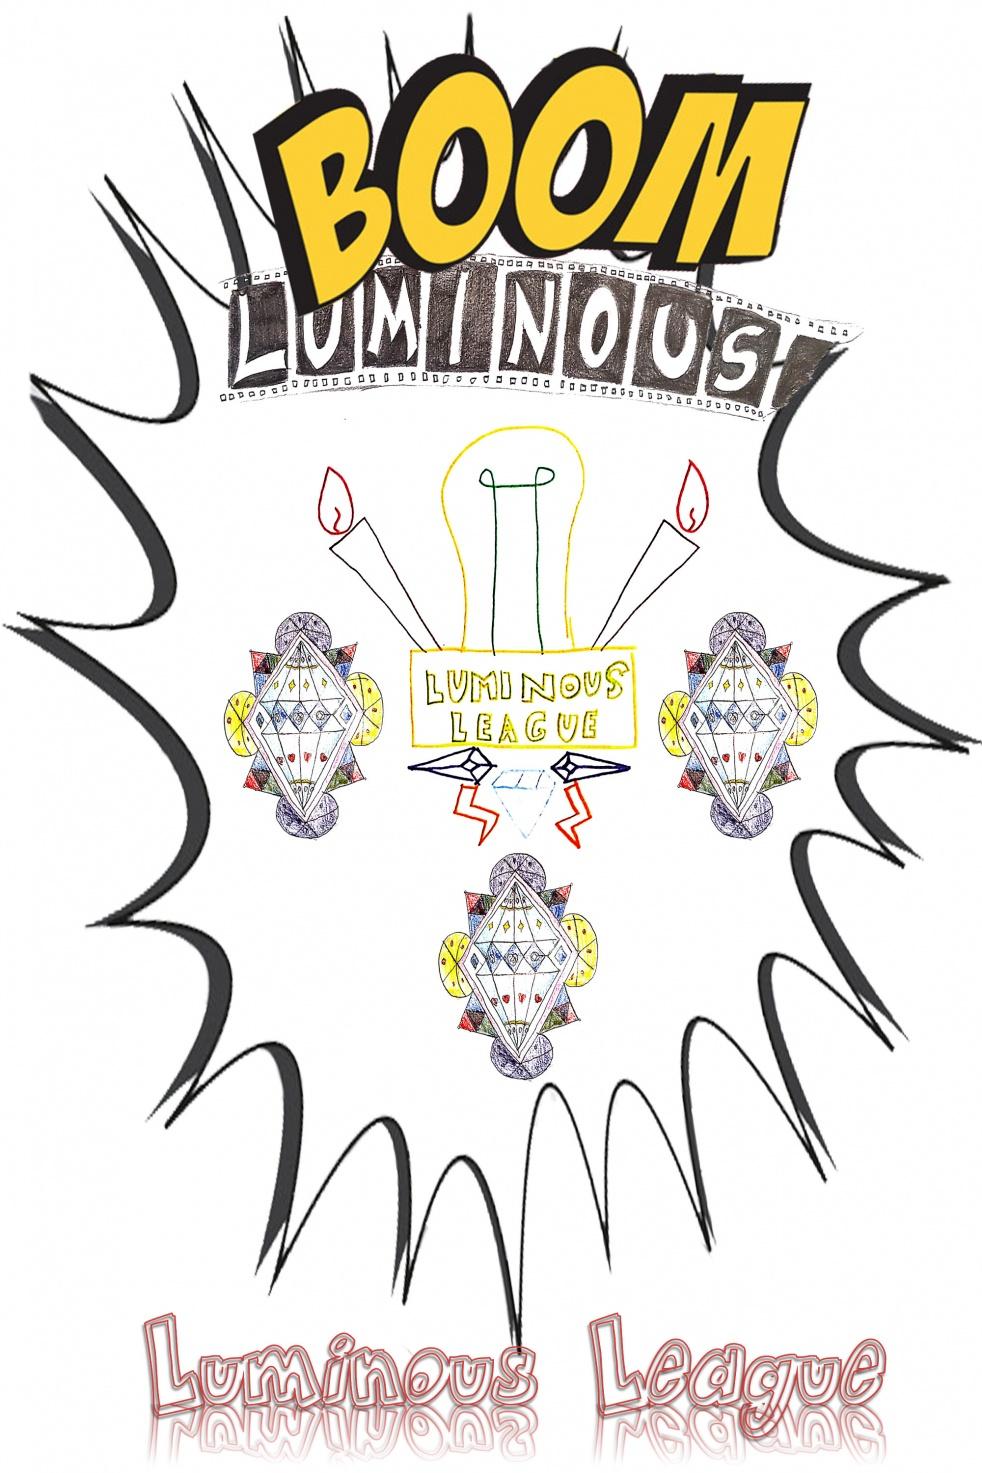 LUMINOUS LEAGUE - show cover